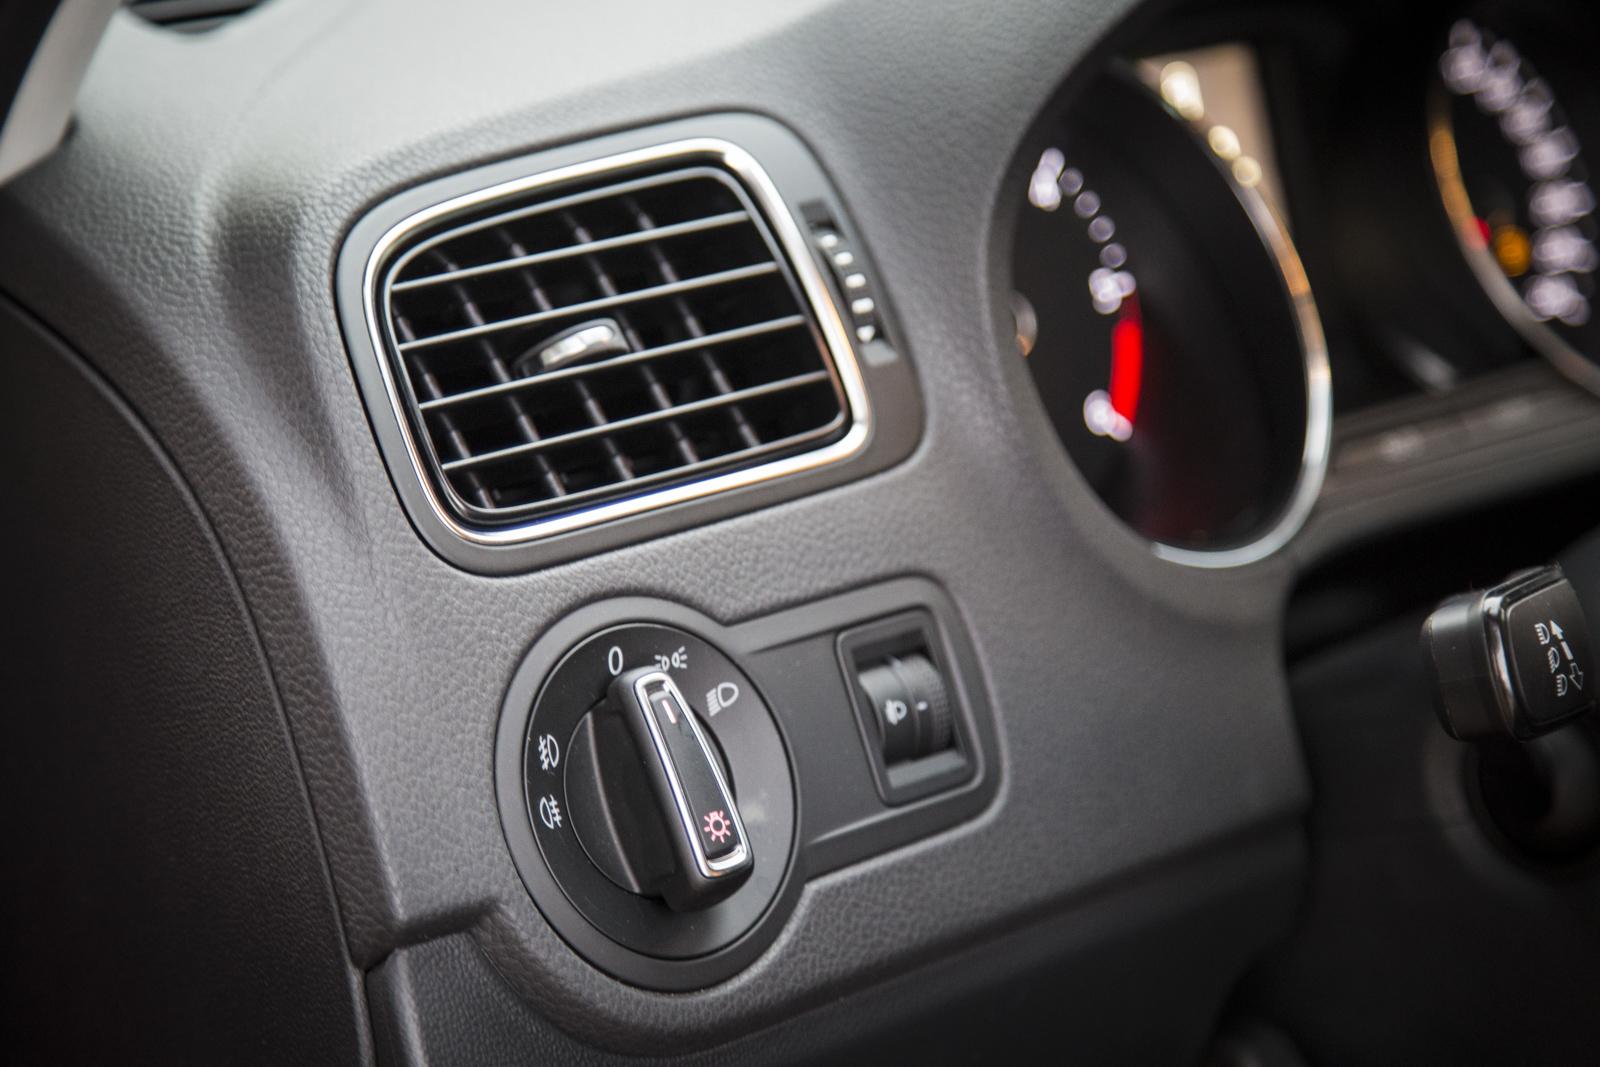 Test_Drive_VW_Polo_1.4_TDI_105_28